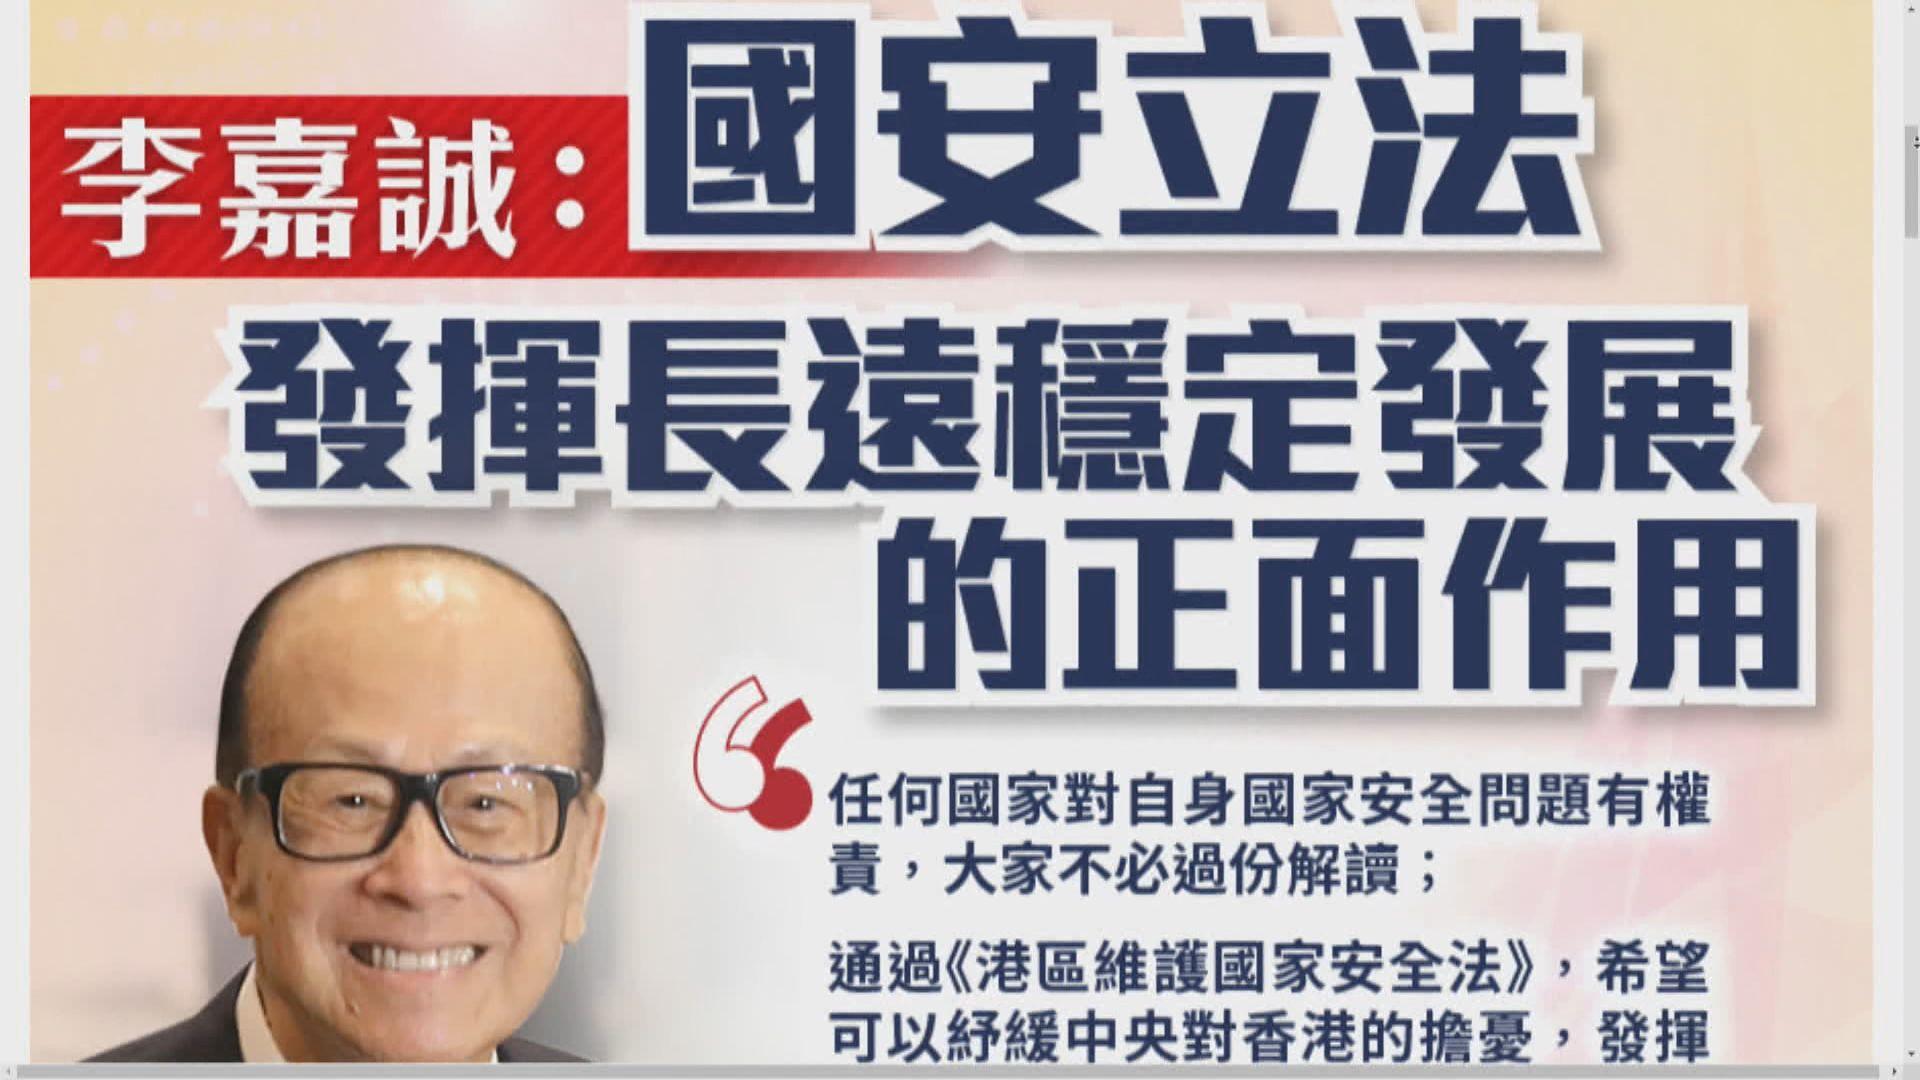 李嘉誠:希望《國安法》發揮長遠穩定發展正面作用